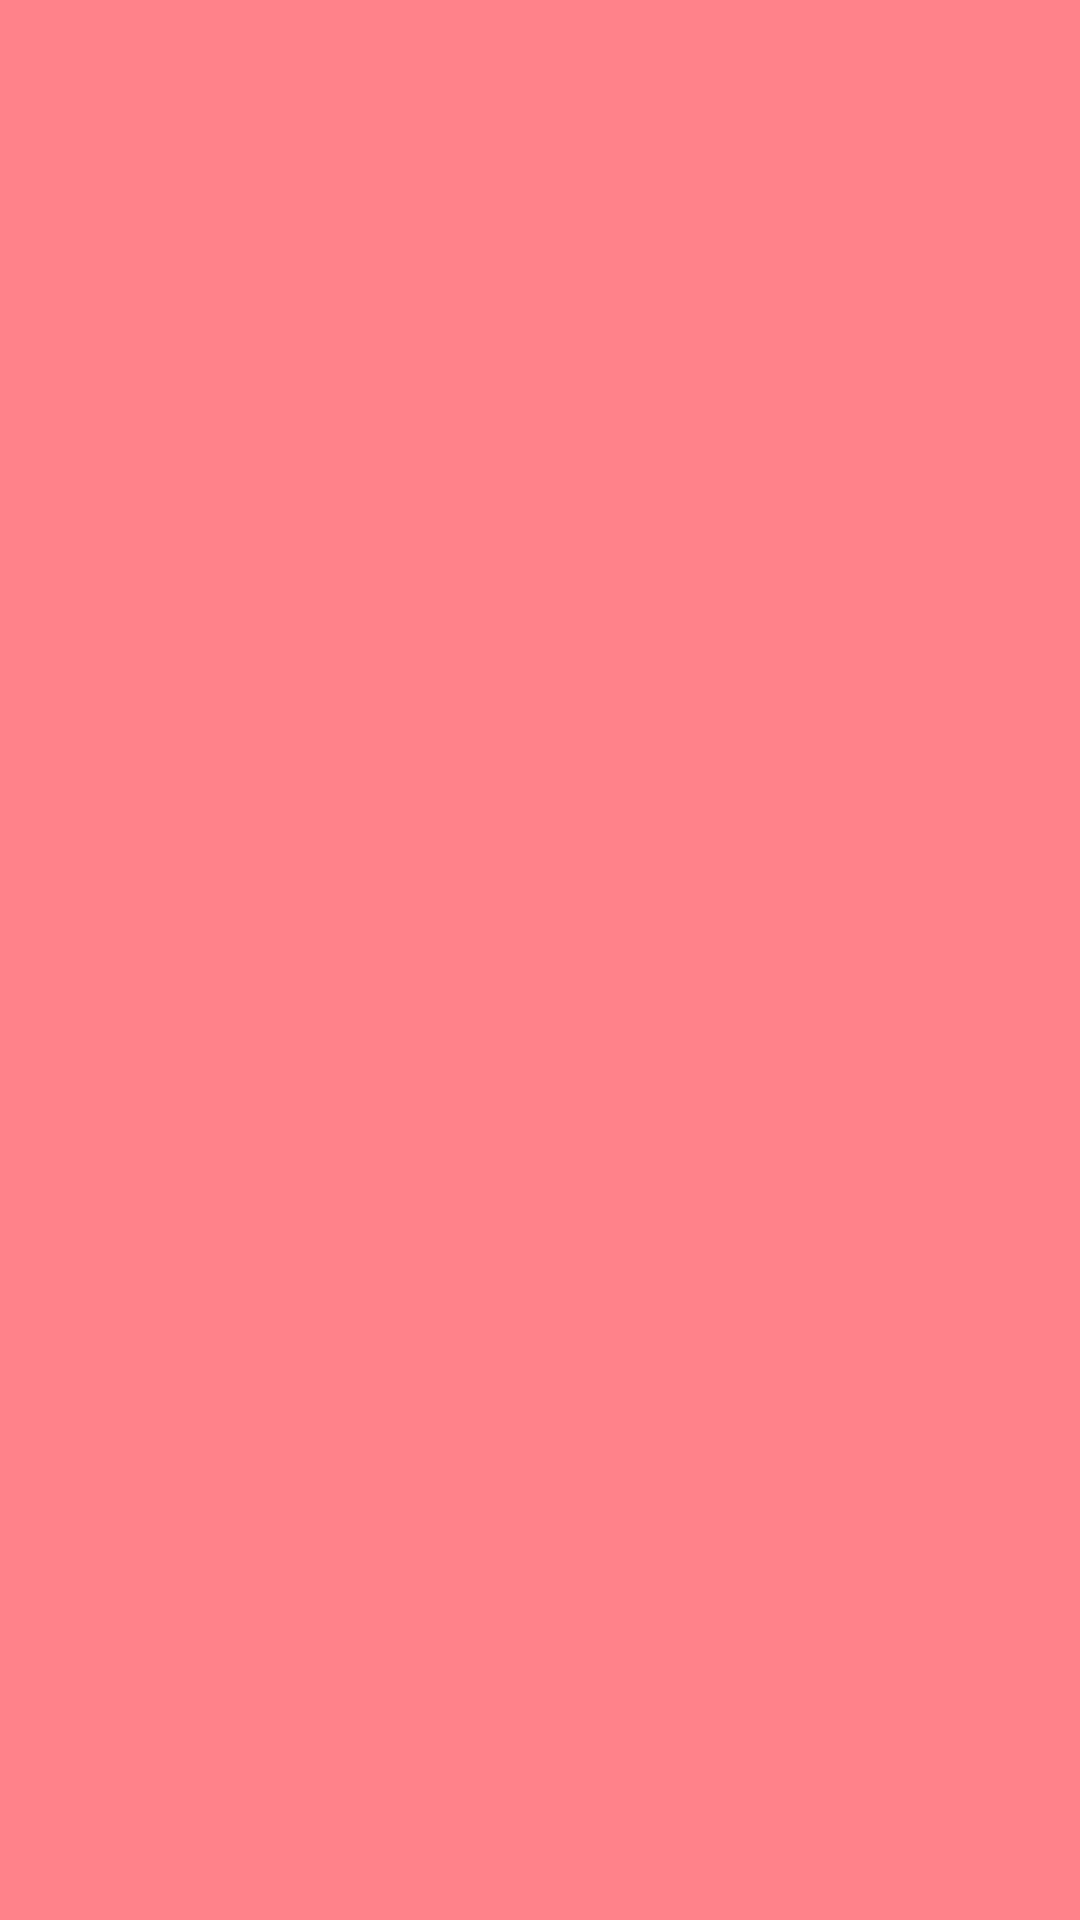 Ff828a Solid Color Image Https Www Solidcolore Com Ff828a Htm Solid Color Wallpaper Bac Fondo De Colores Lisos Fondos De Color Solido Fondos De Colores